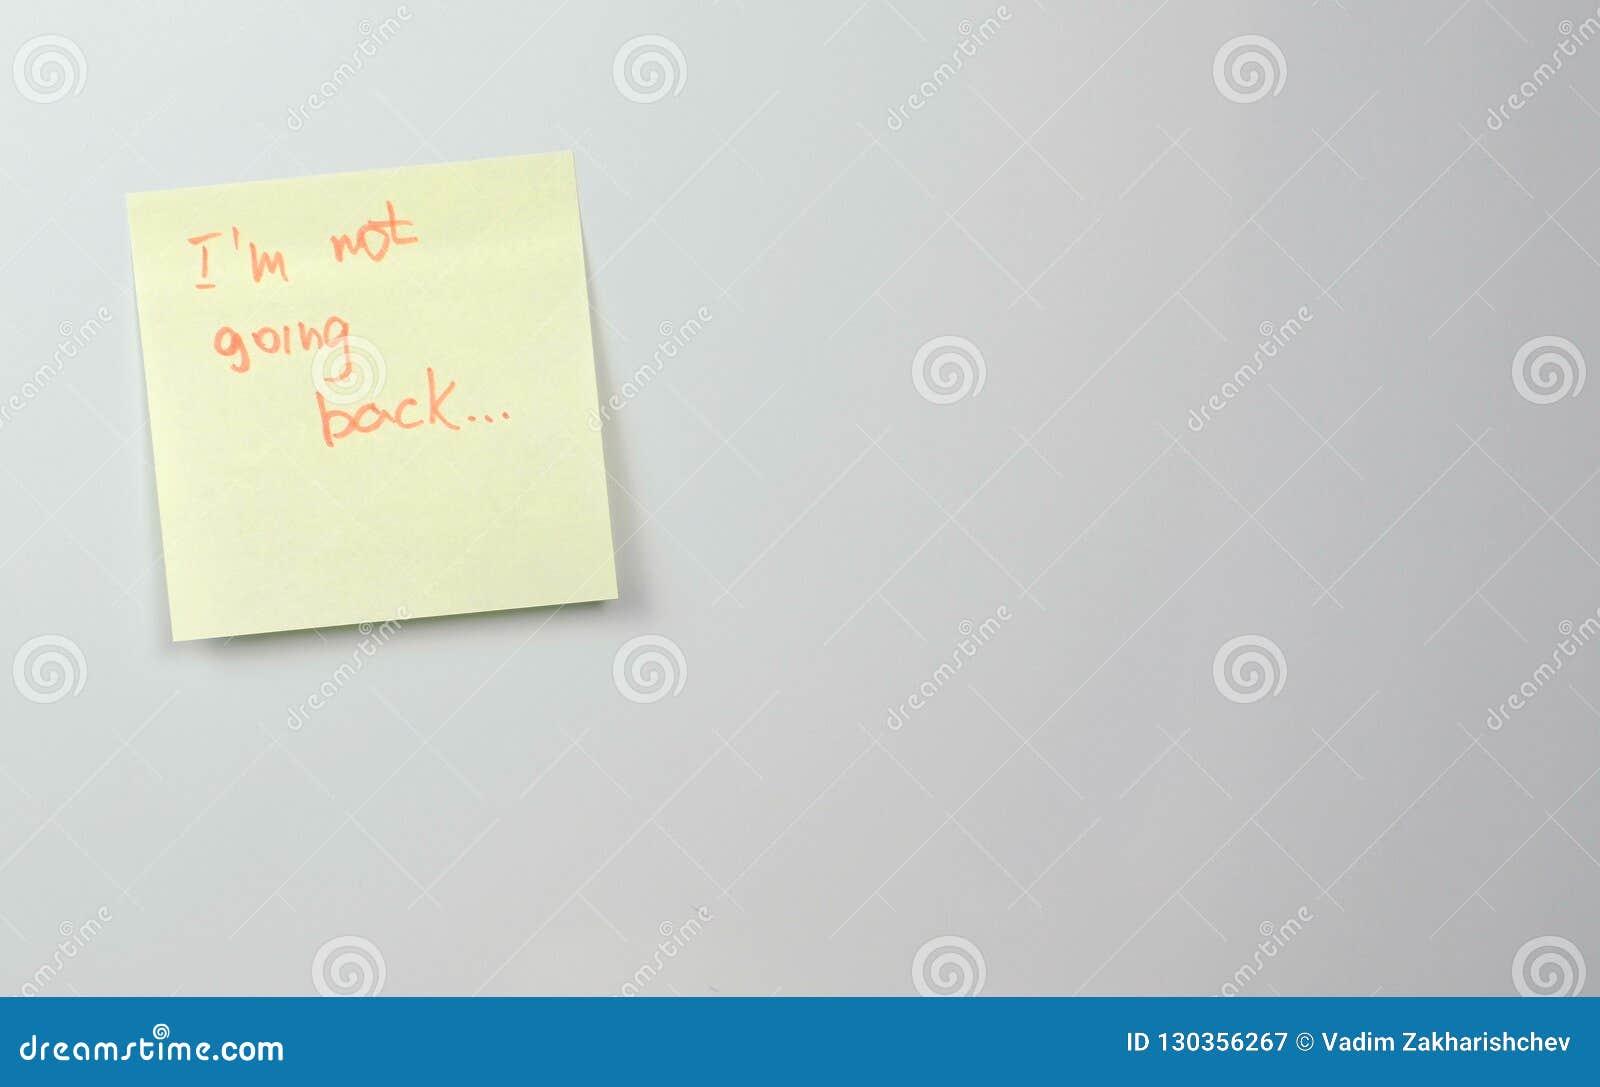 Anmerkung über Papierblätter des gelben Aufklebers mit Wörtern gehe ich nicht zurück